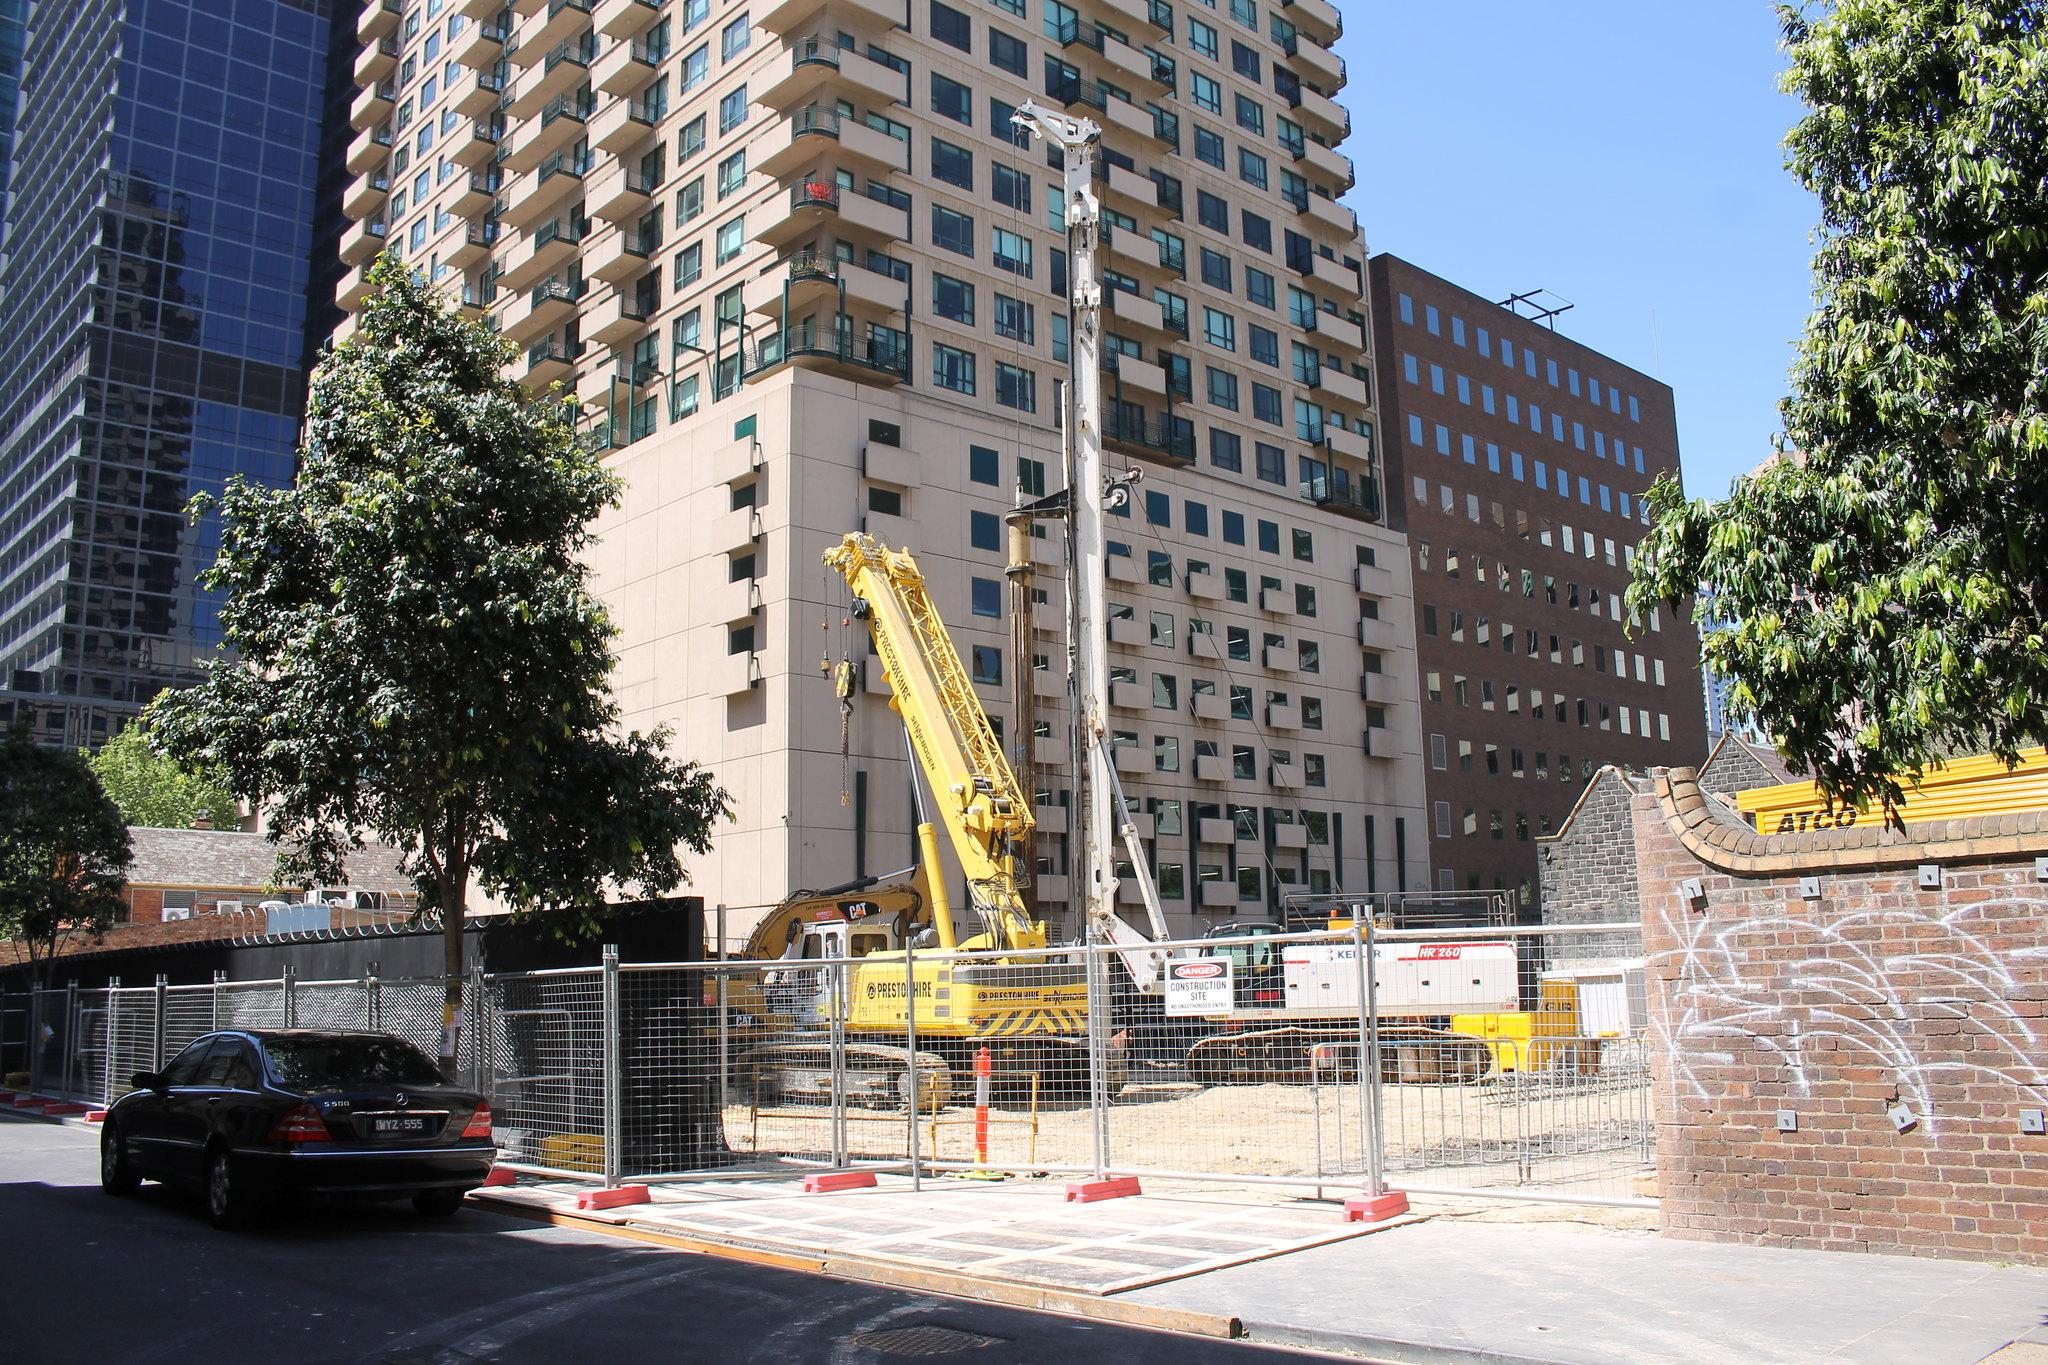 CBD   130-150 Lonsdale Street   Wesley Place   33 & 22L   144m & 80m   Commercial